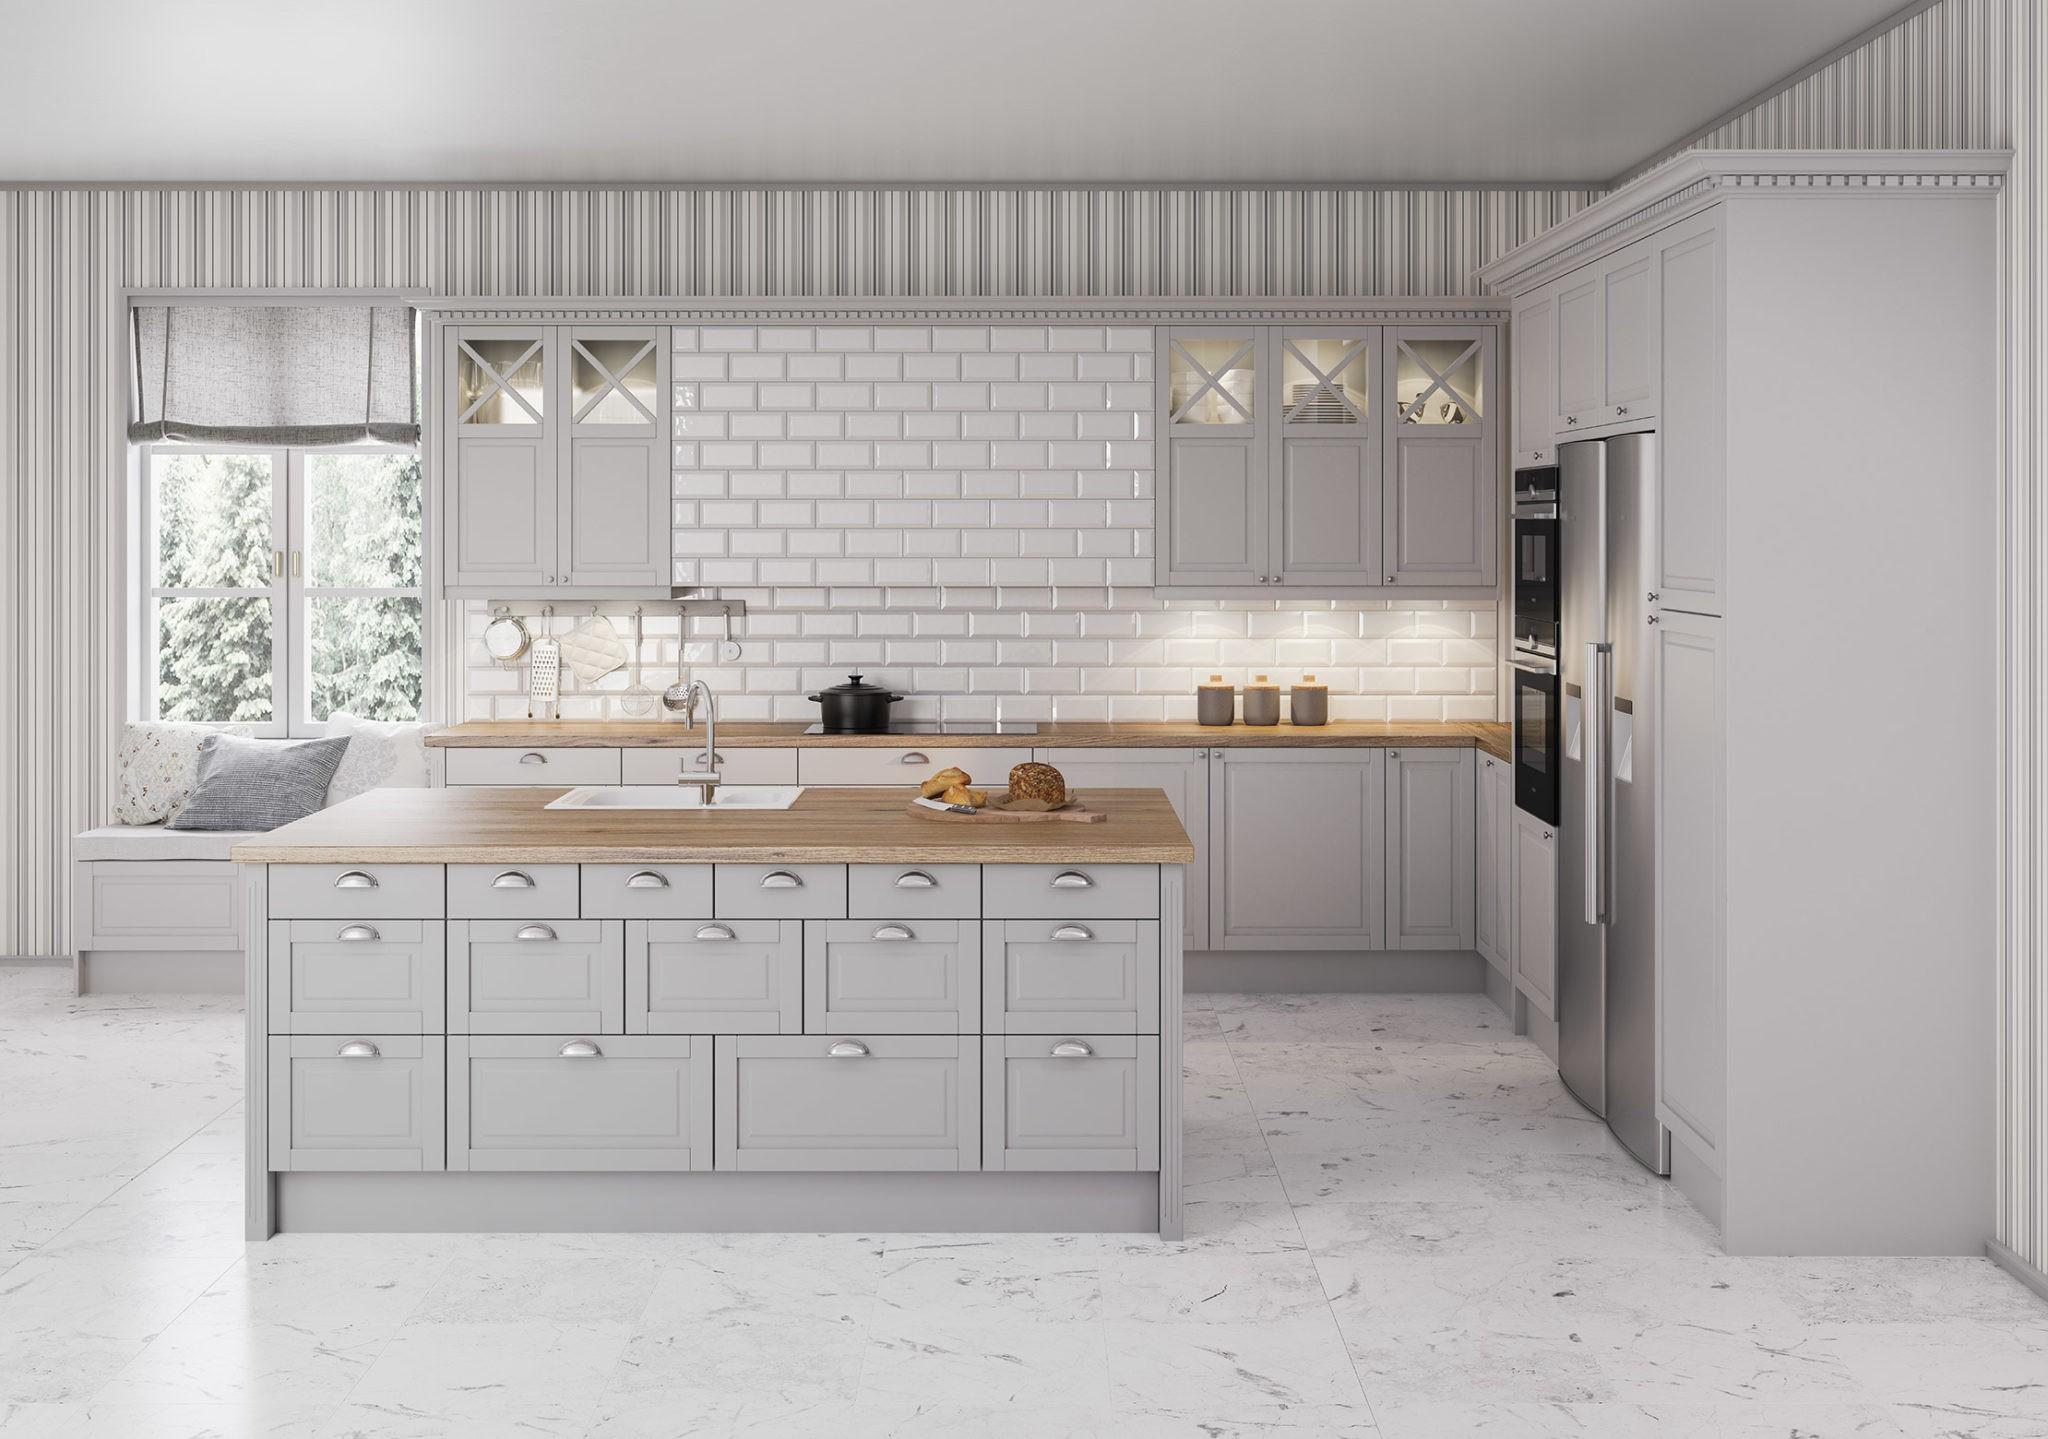 Köksinspiration - Fasett Mansion - Exklusivt lantligt kök från Epoq hos Elgiganten